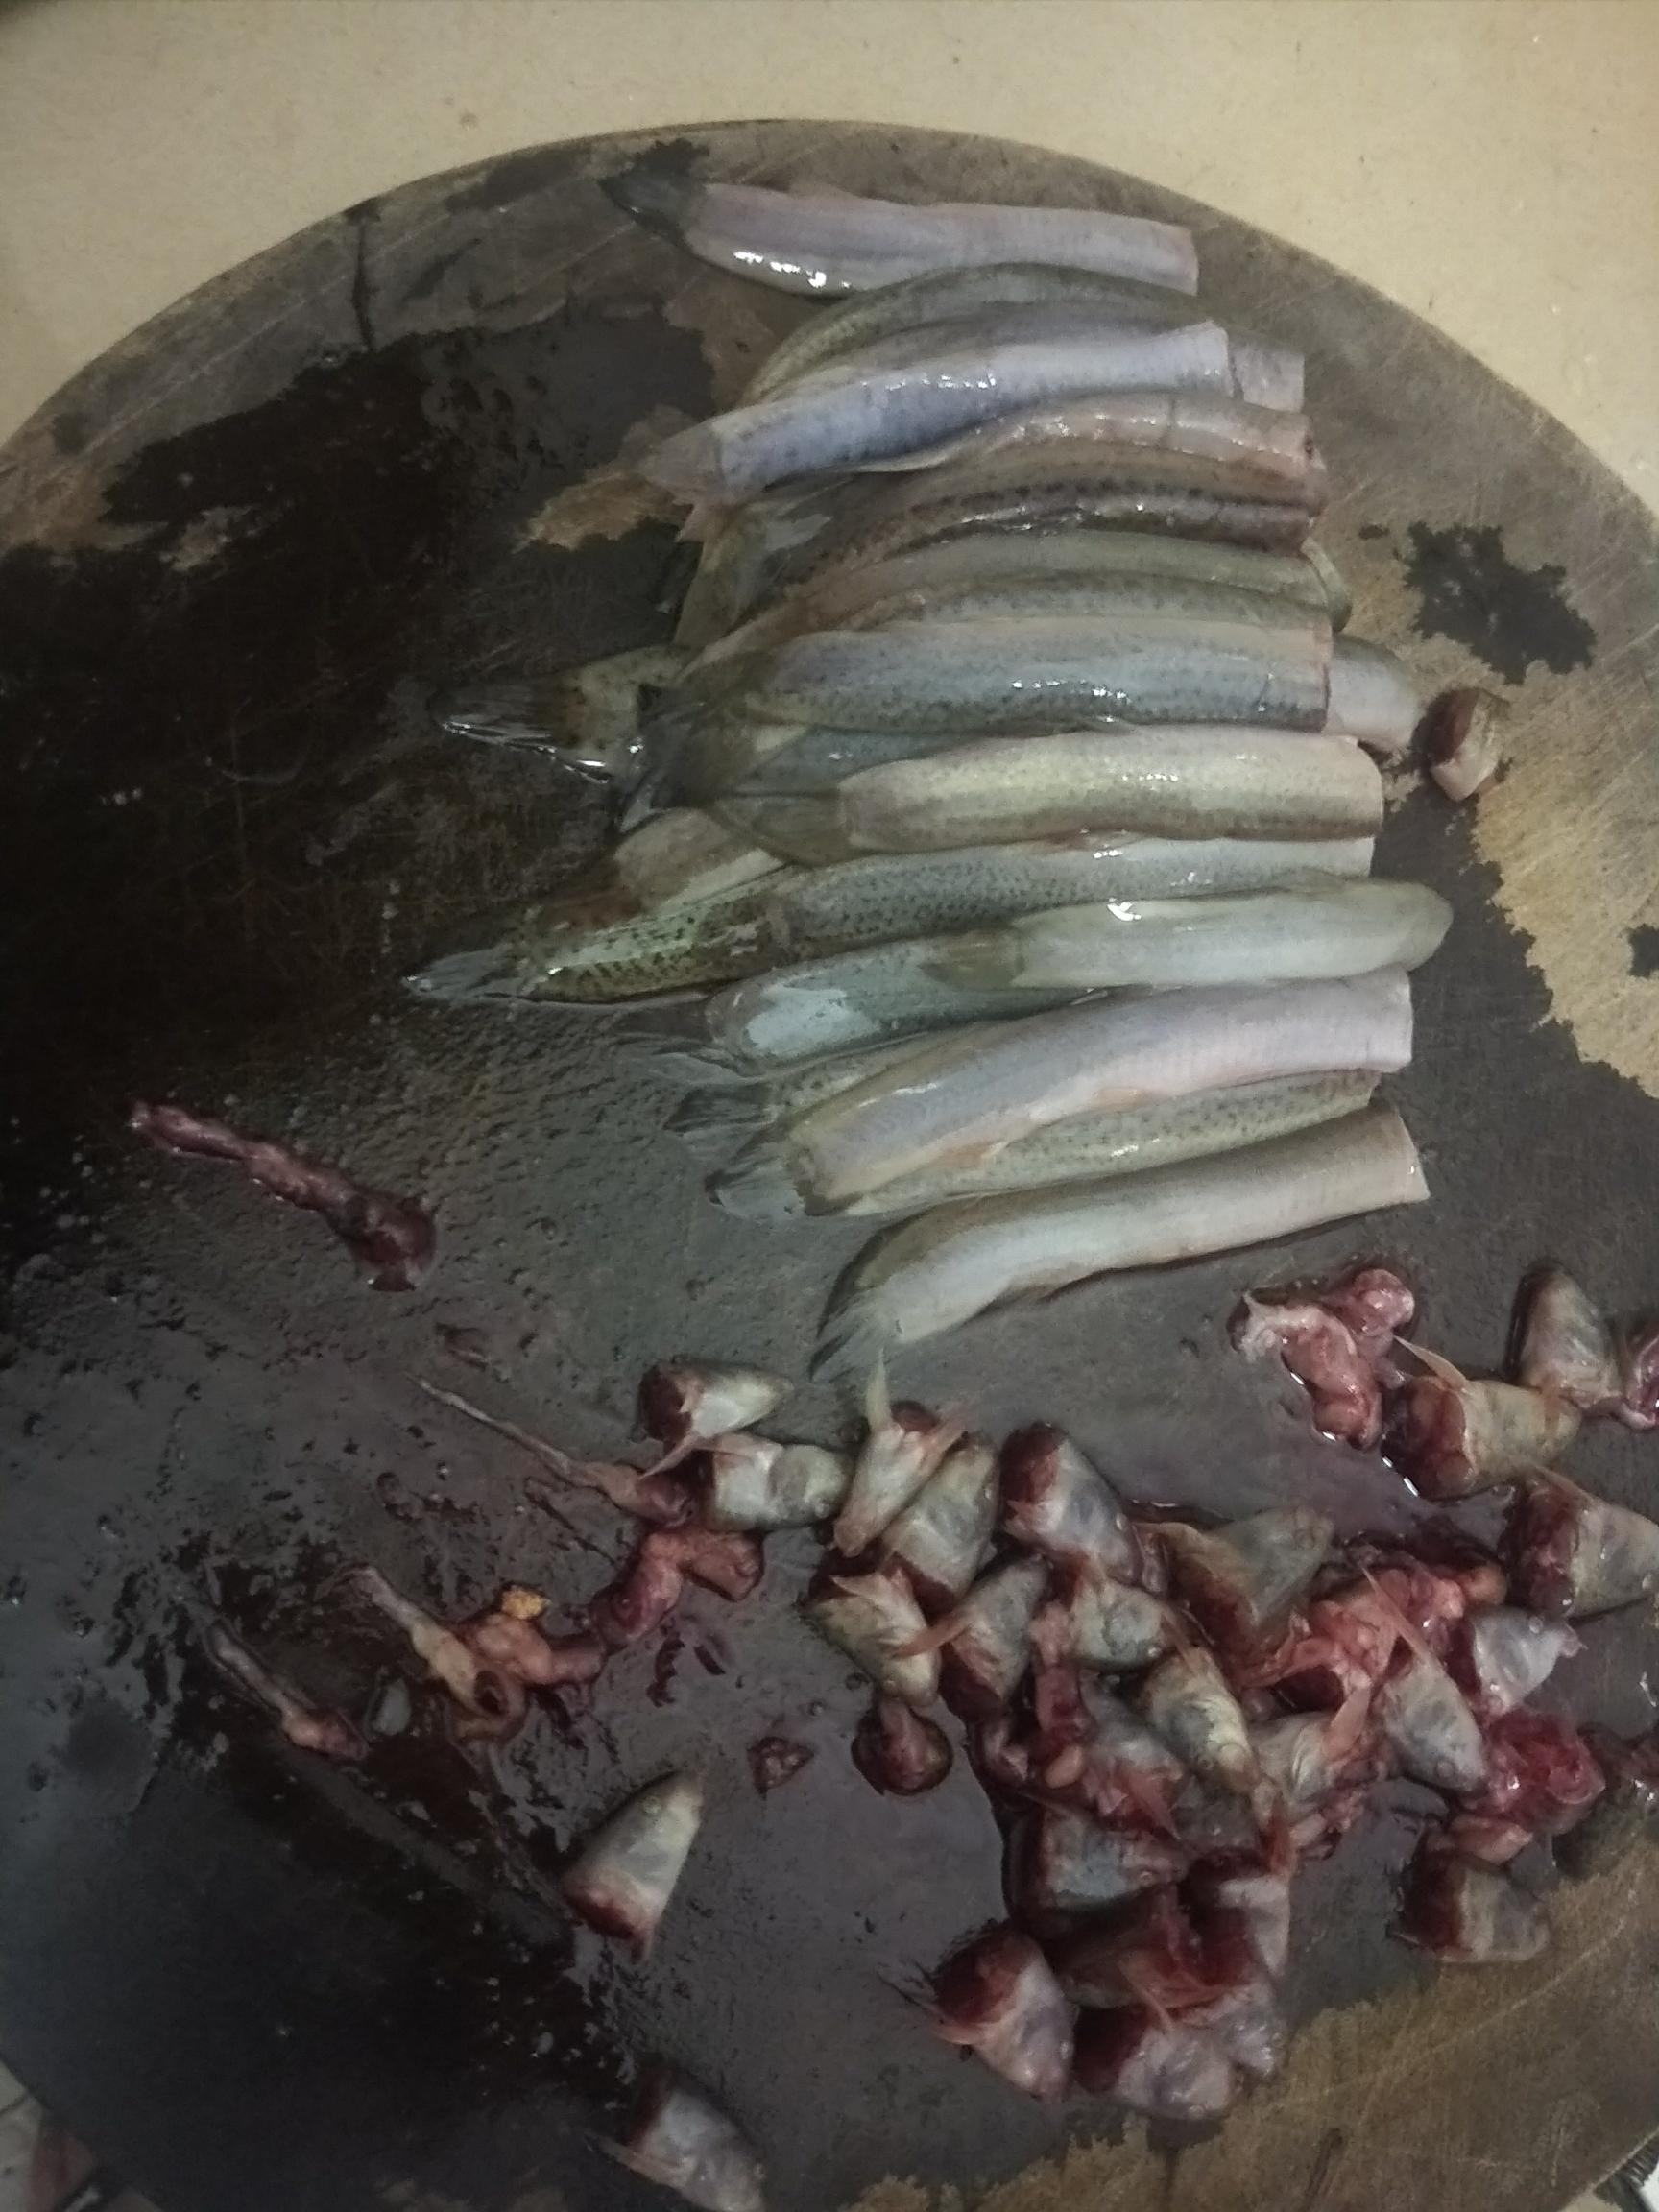 泥鳅处理方法 绵阳水族批发市场 绵阳水族批发市场第6张